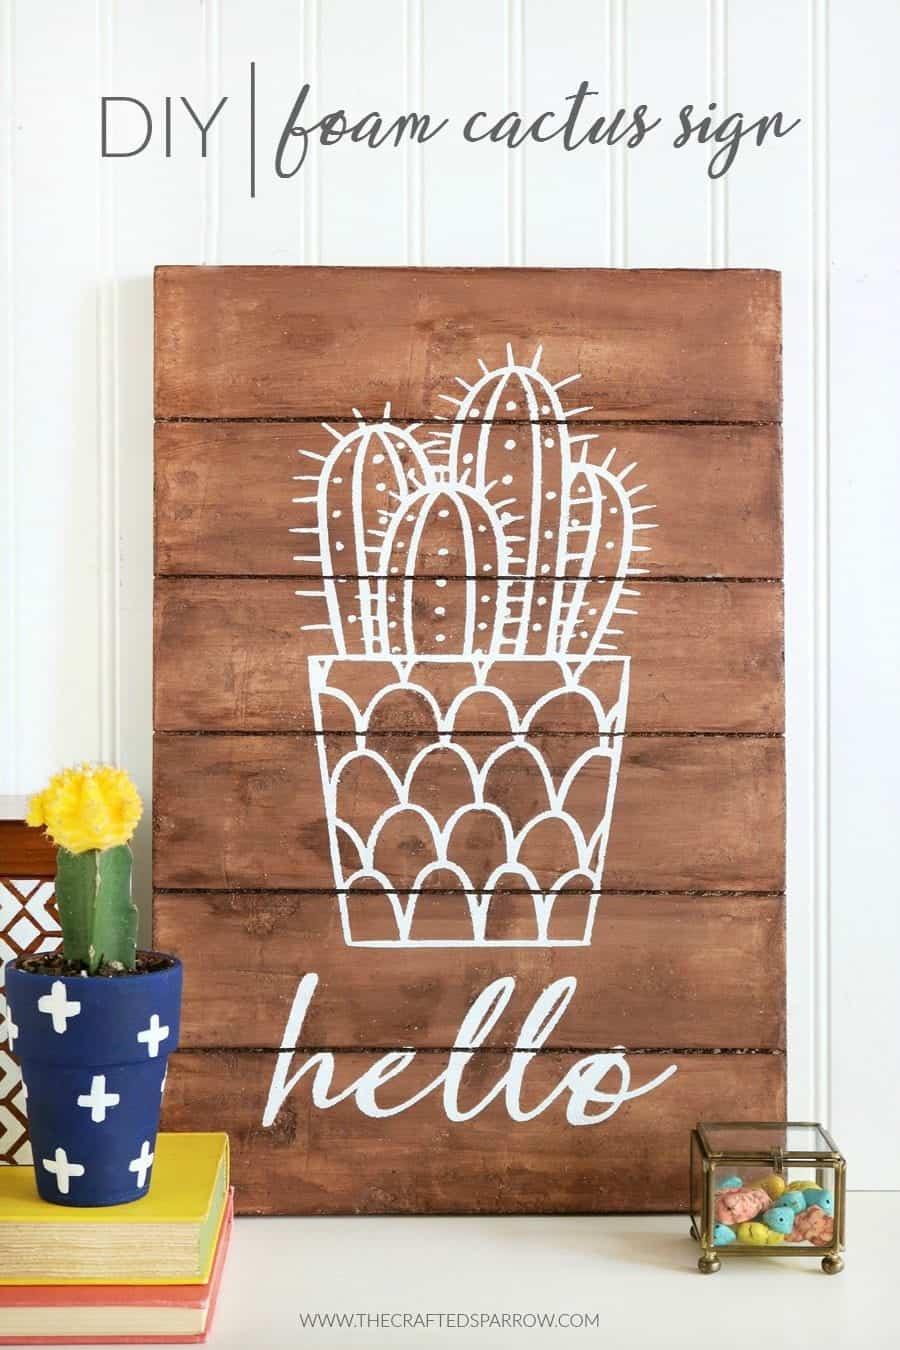 DIY-Foam-Cactus-Sign